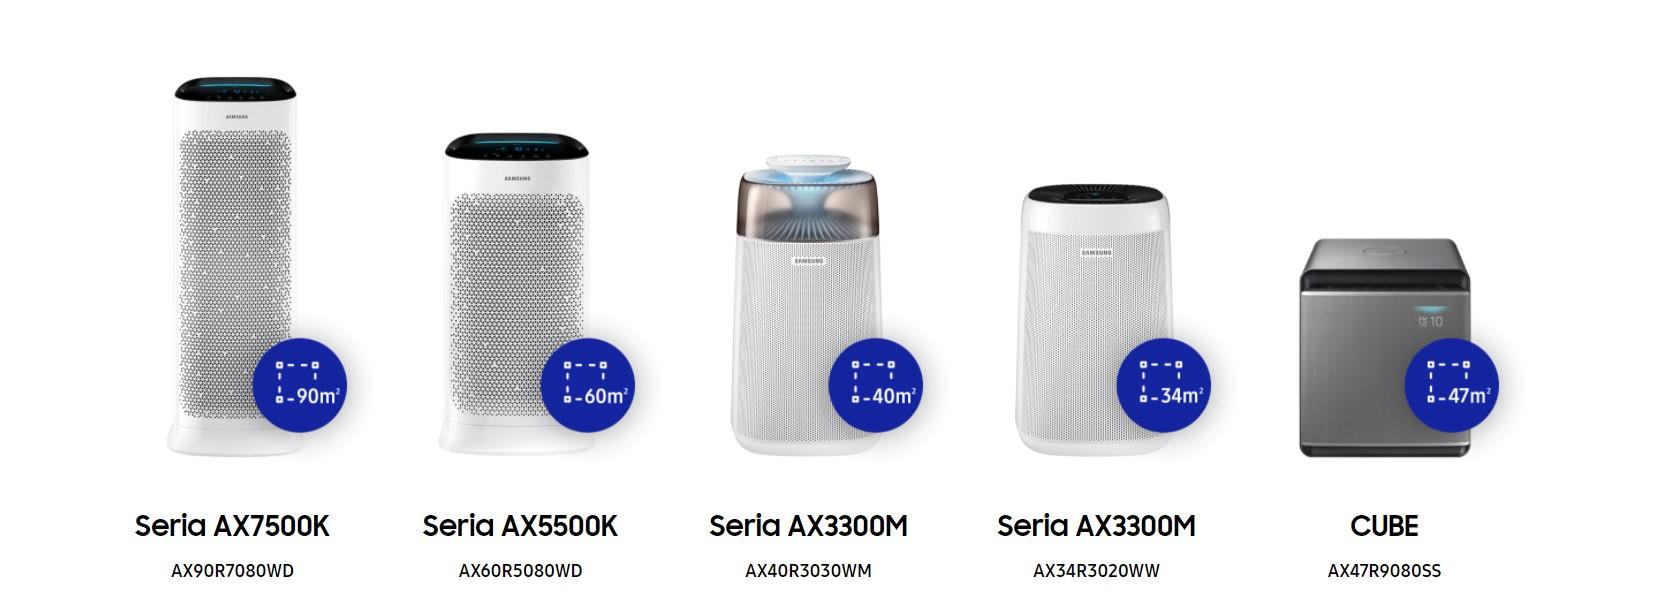 Samsung oczyszczacze powietrza